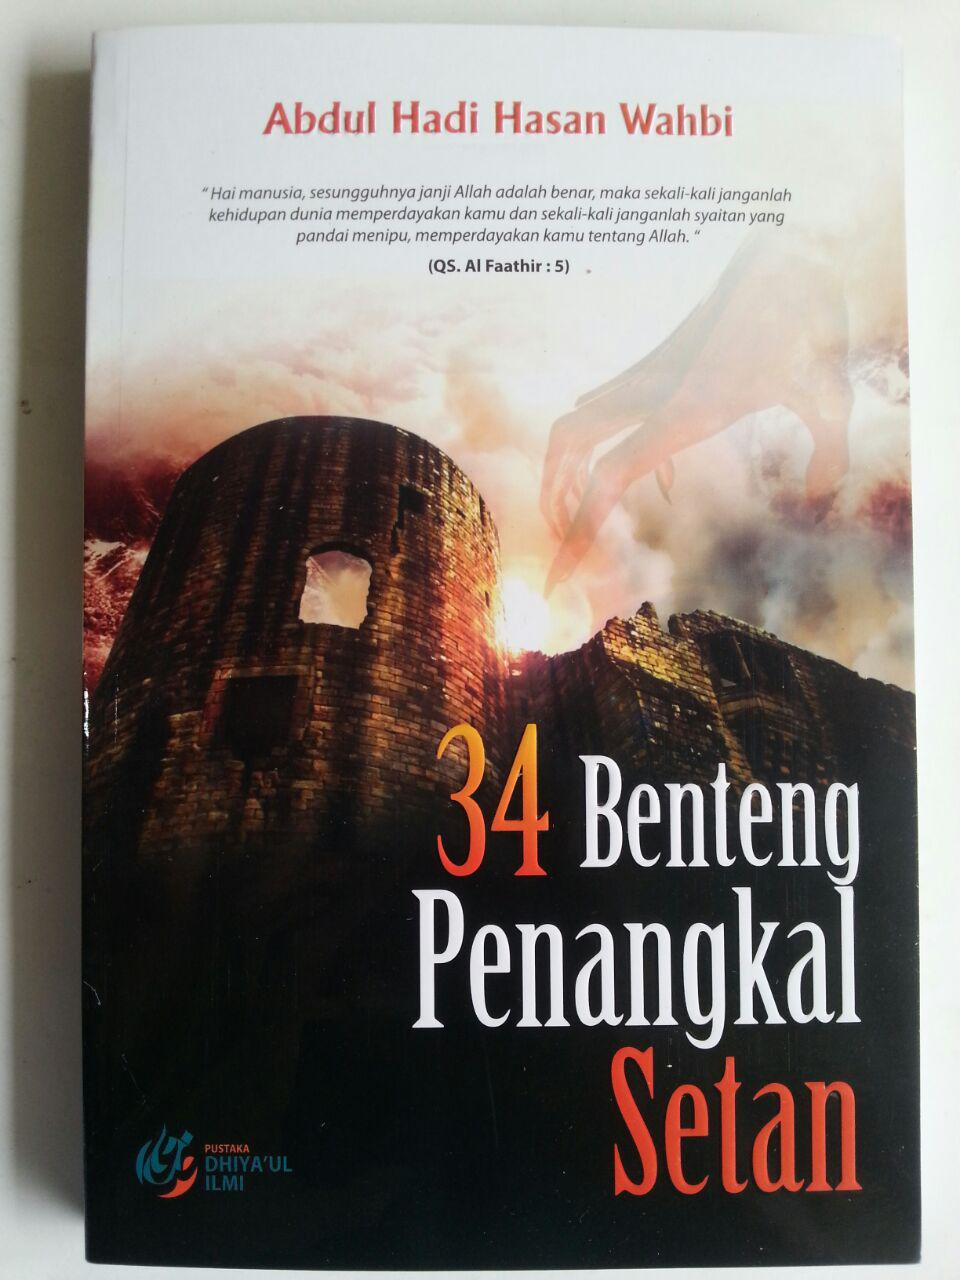 Buku 34 Benteng Penangkal Setan cover 2